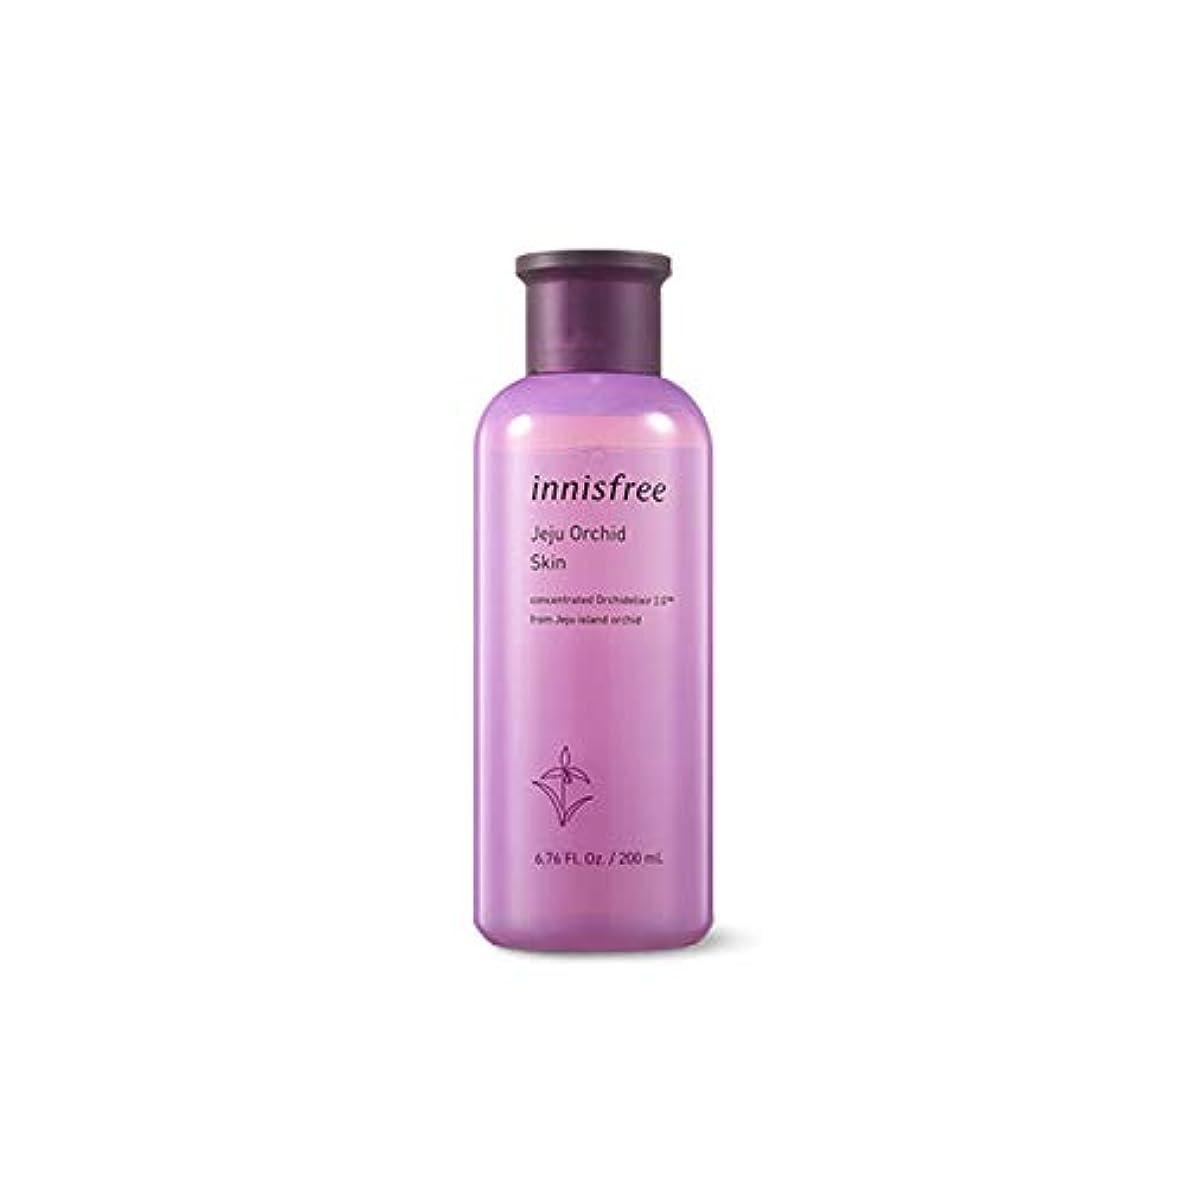 男らしさ不要熟達[イニスプリー]Innisfree 寒暖スキン(200ml) 新商品入荷 Innisfree Orchid Skin (200ml) New Arrival [海外直送品]